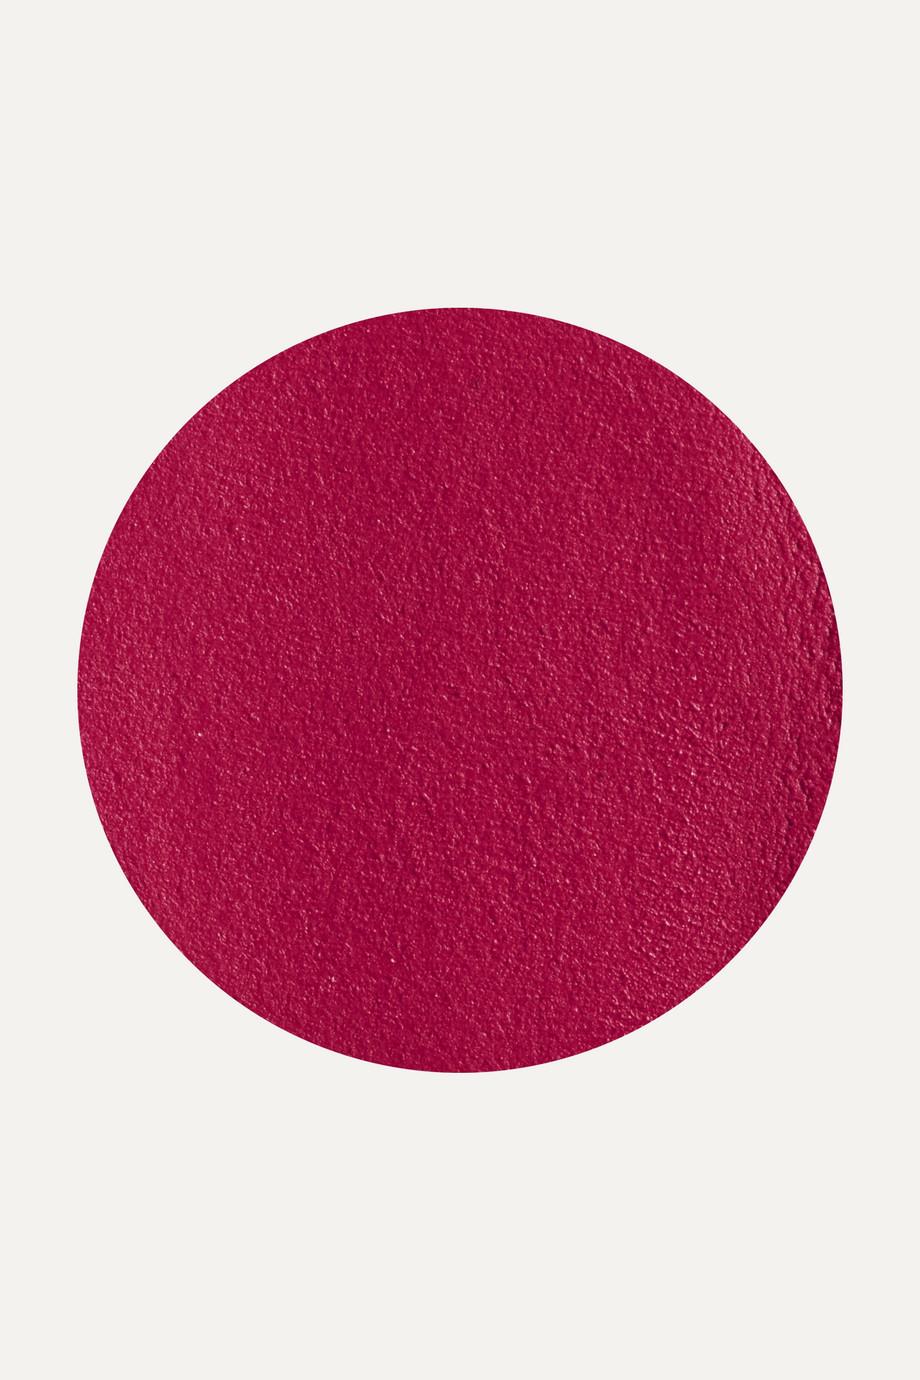 Illamasqua Antimatter Lipstick - Physical